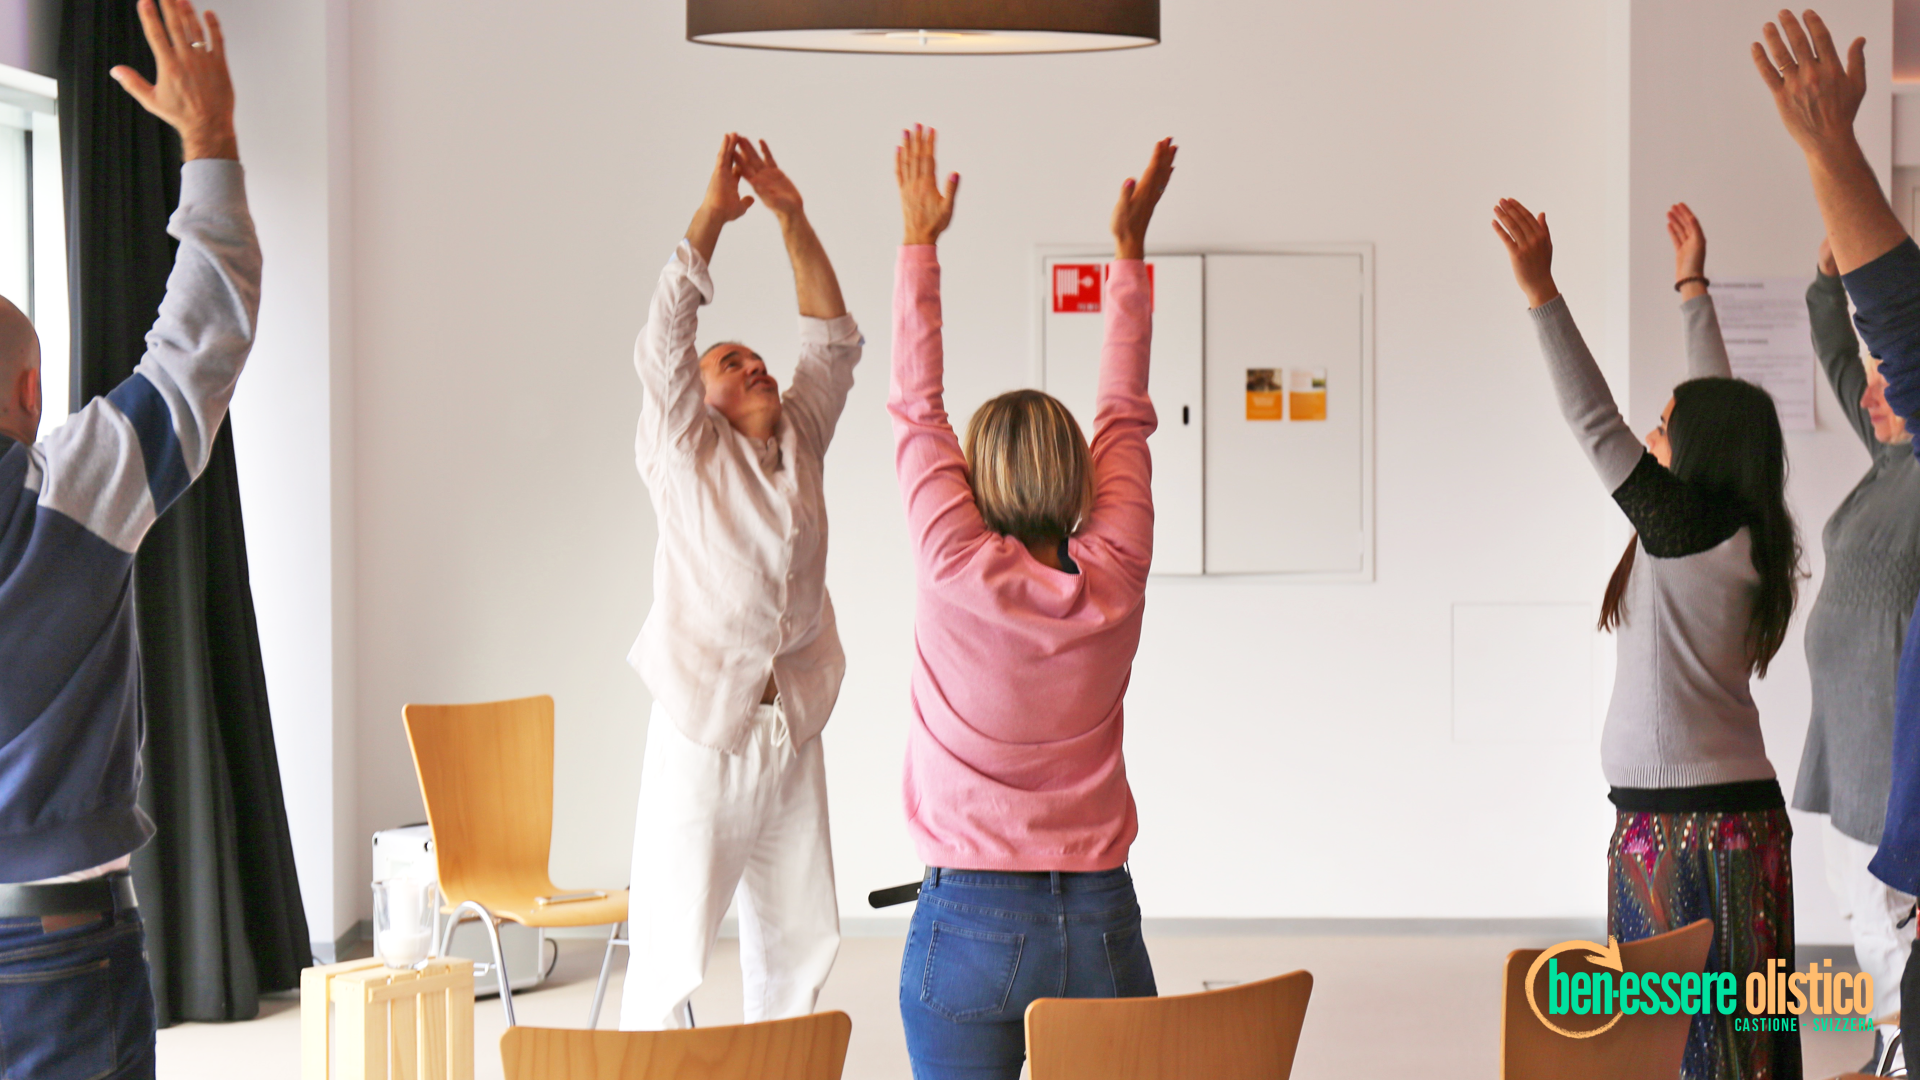 Scintilla Centro Estetico Segrate fiera del benessere olistico di castione (svizzera)